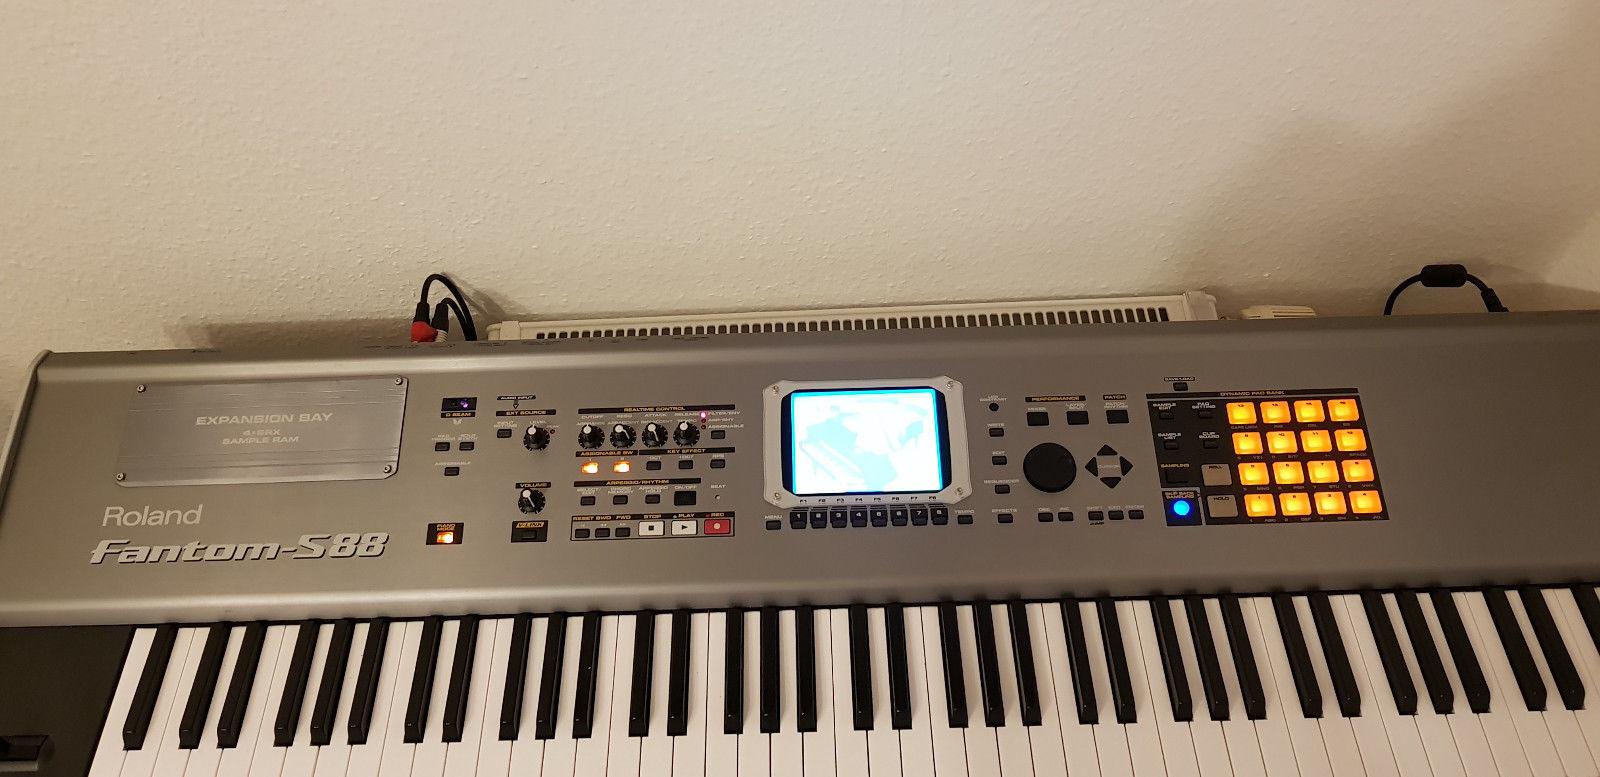 Roland Fantom S88 Keyboard, Sampler, Sequencer, Workstation, 88-Tasten !!!